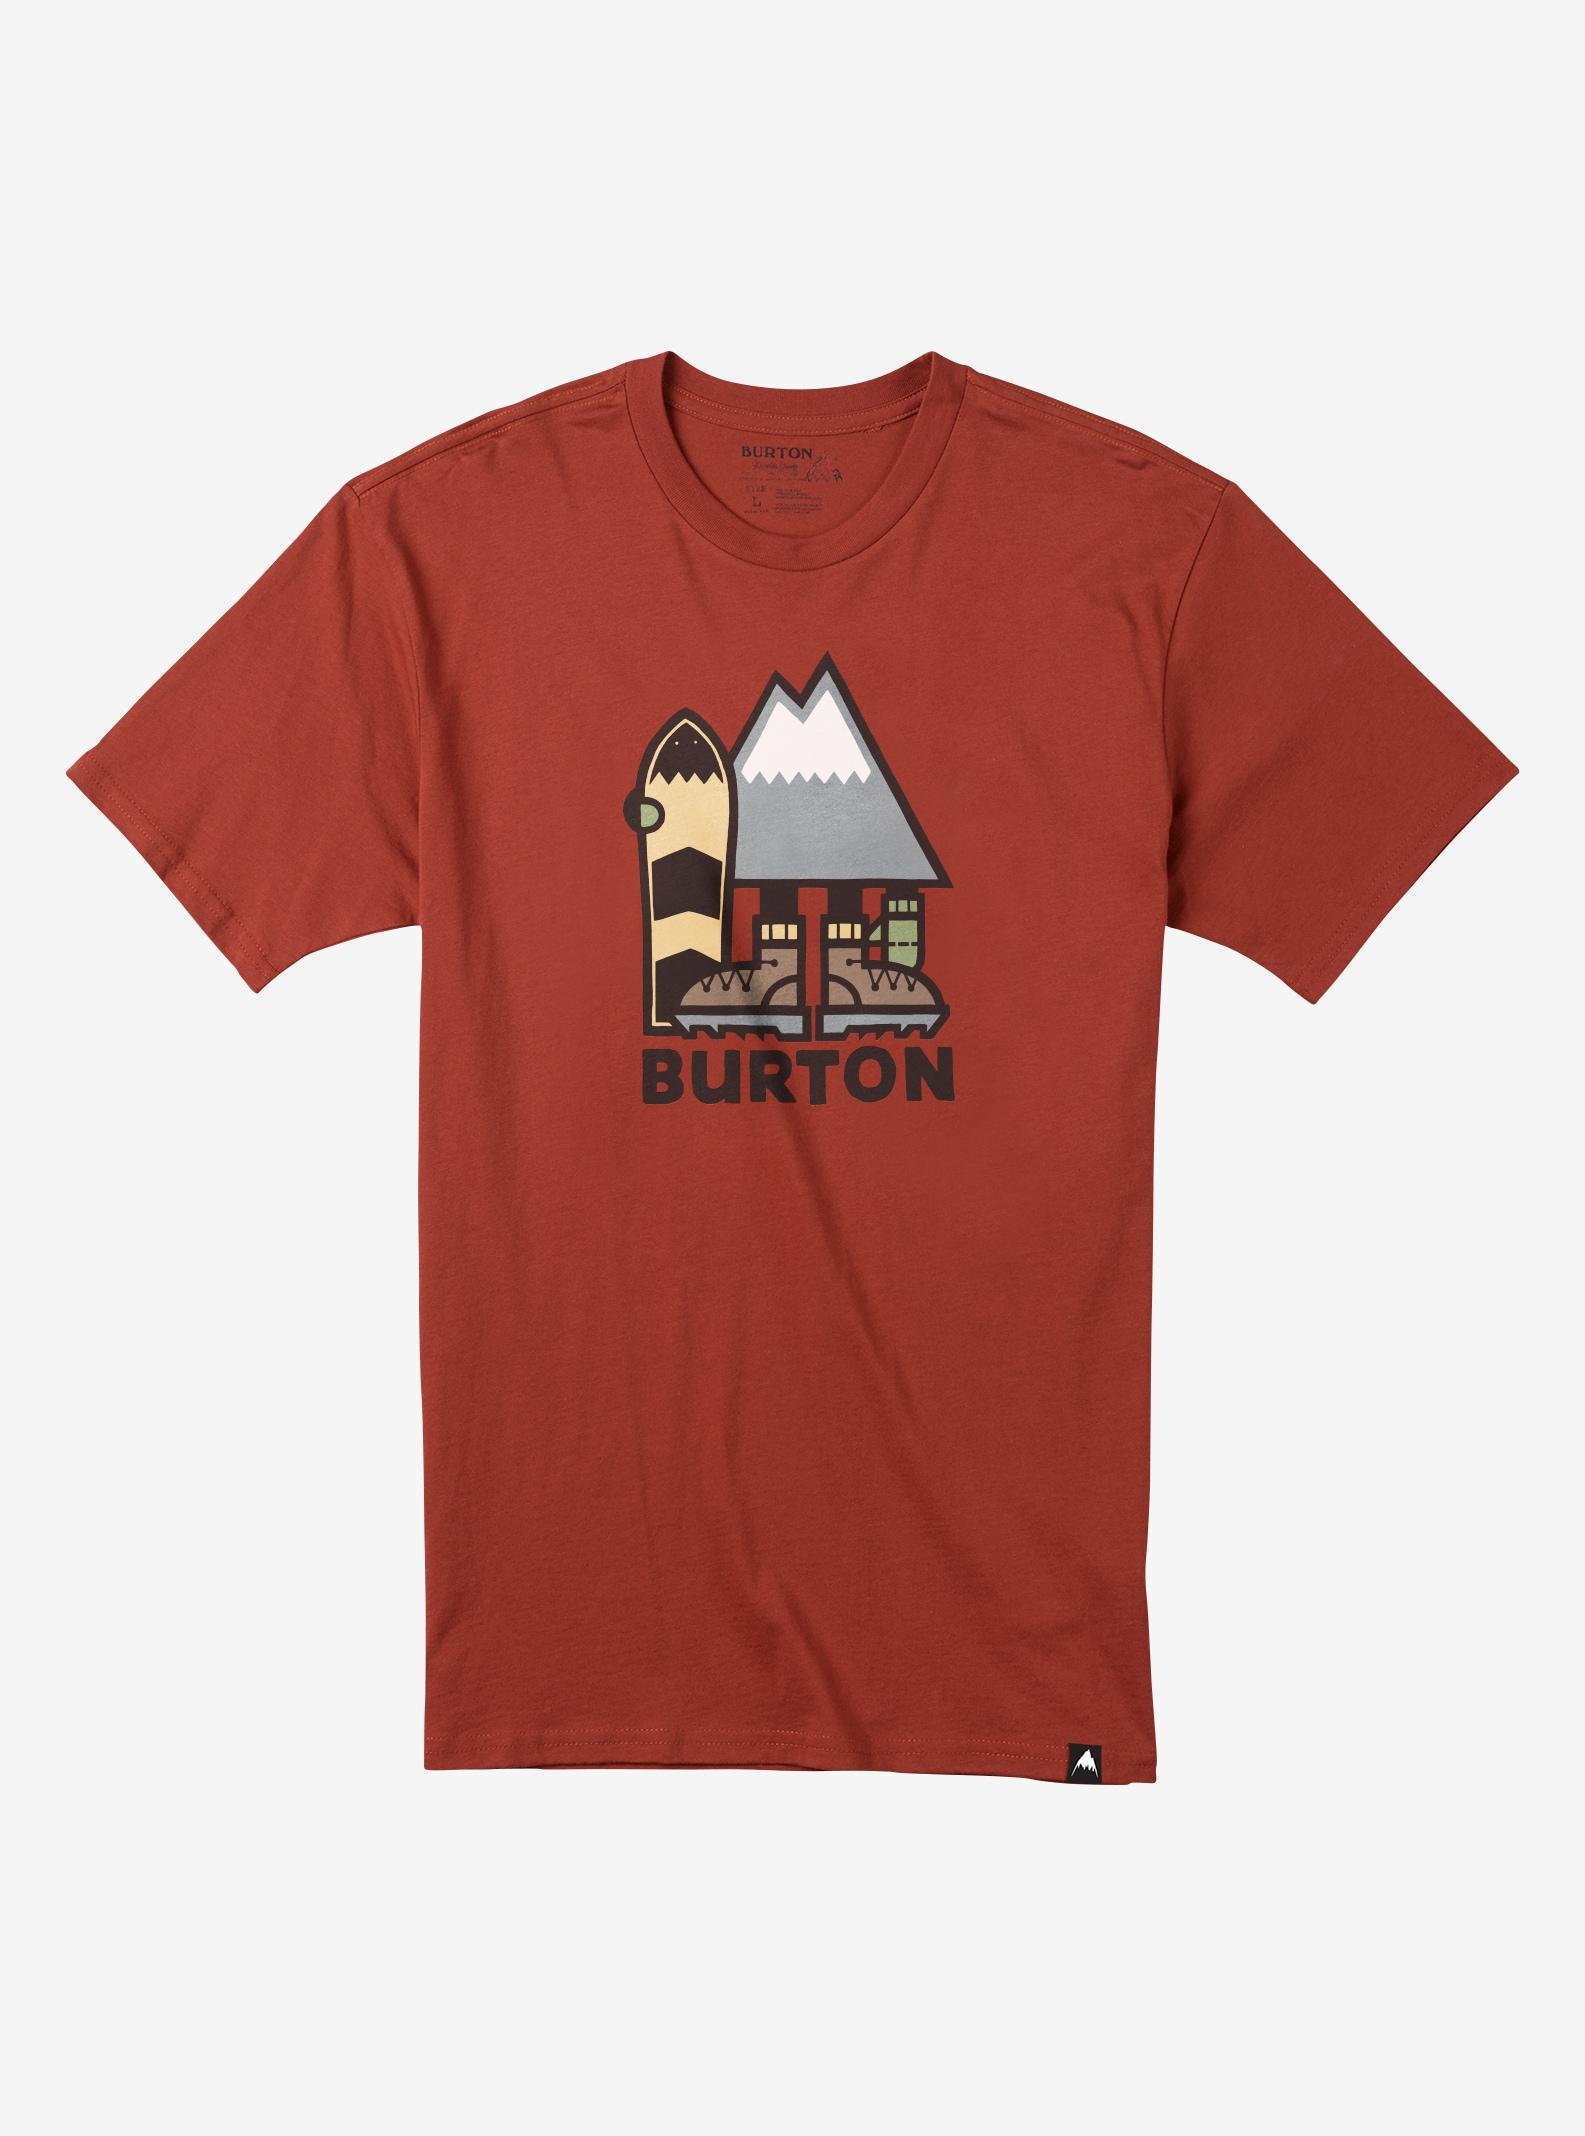 Burton Ripton T-Shirt für Herren angezeigt in Bitters